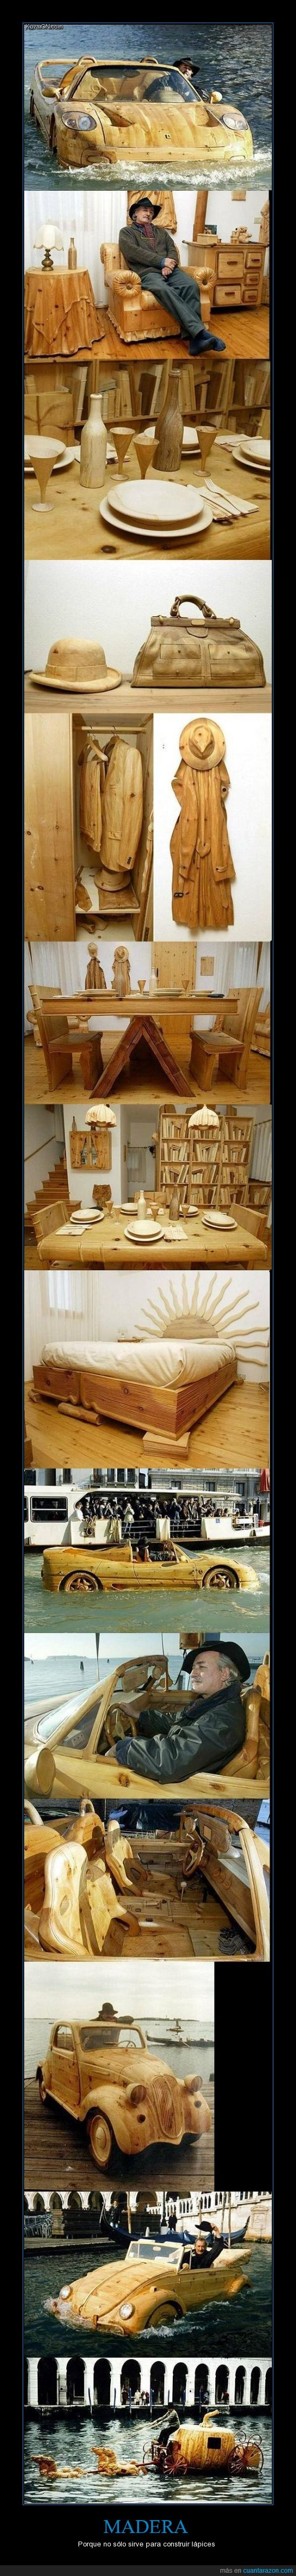 arte,construcciones,habilidad,madera